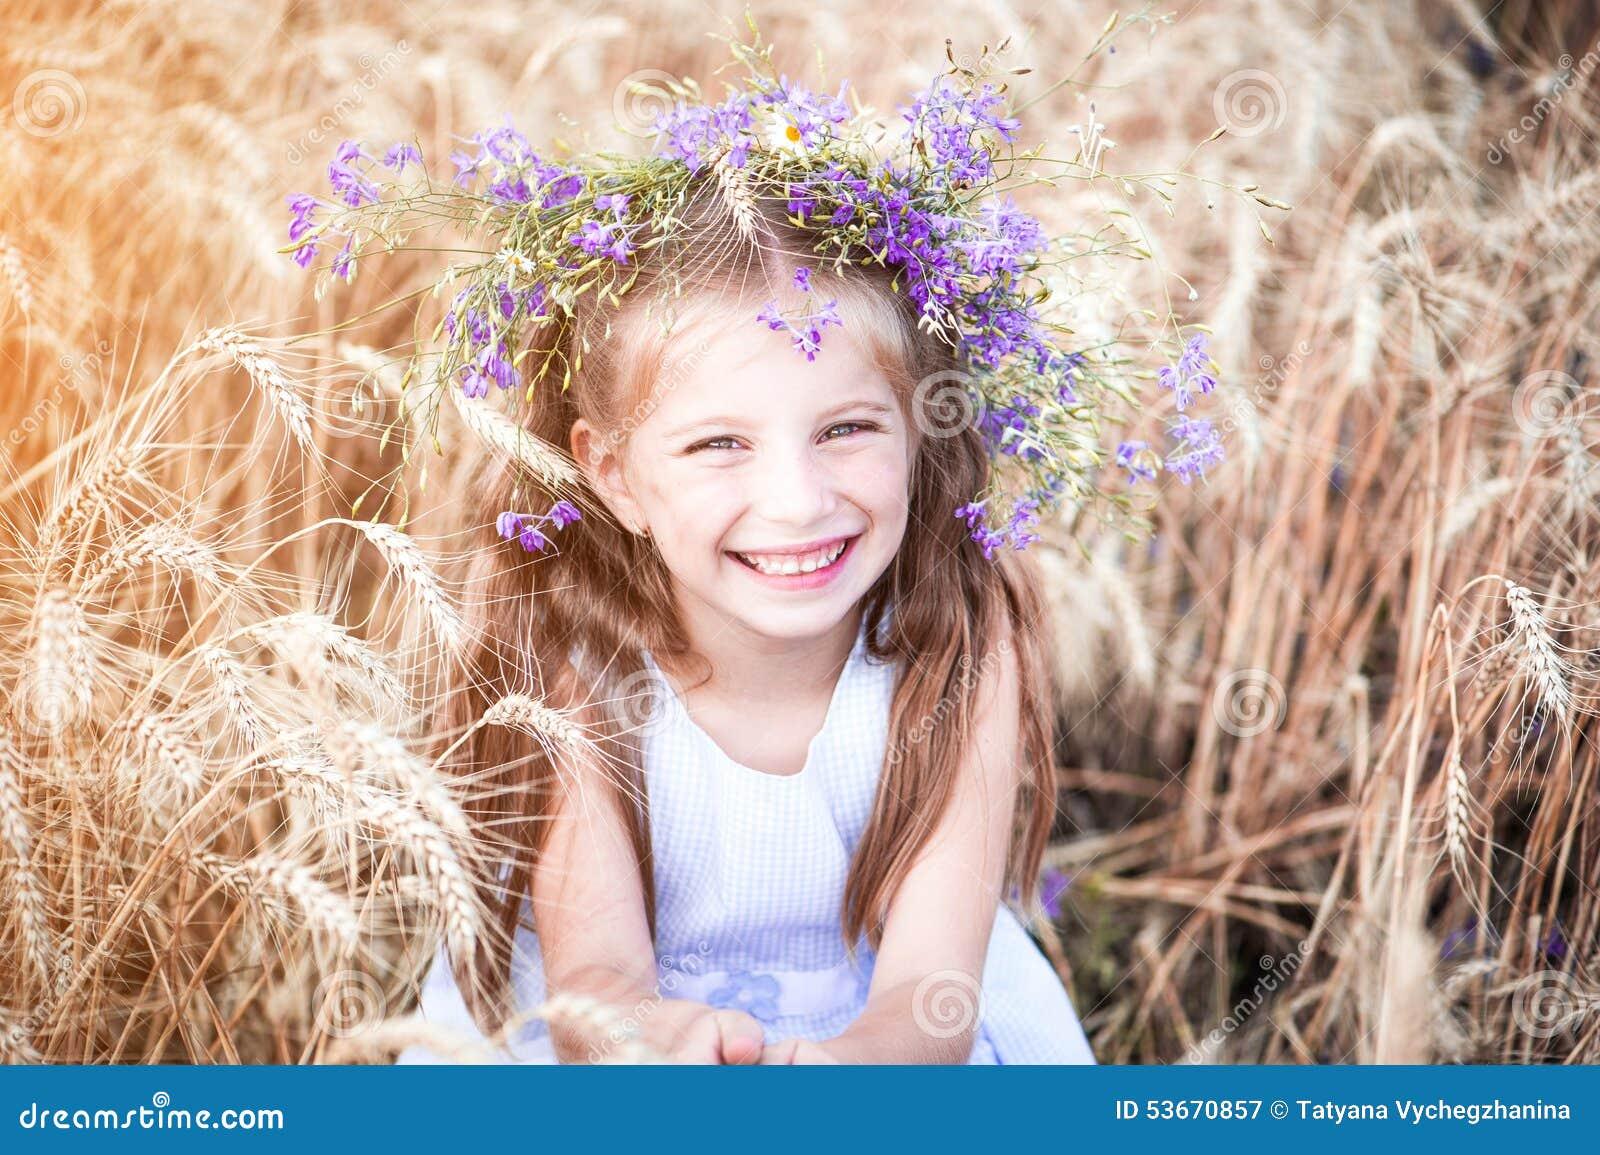 一块麦田的美丽的小女孩图片